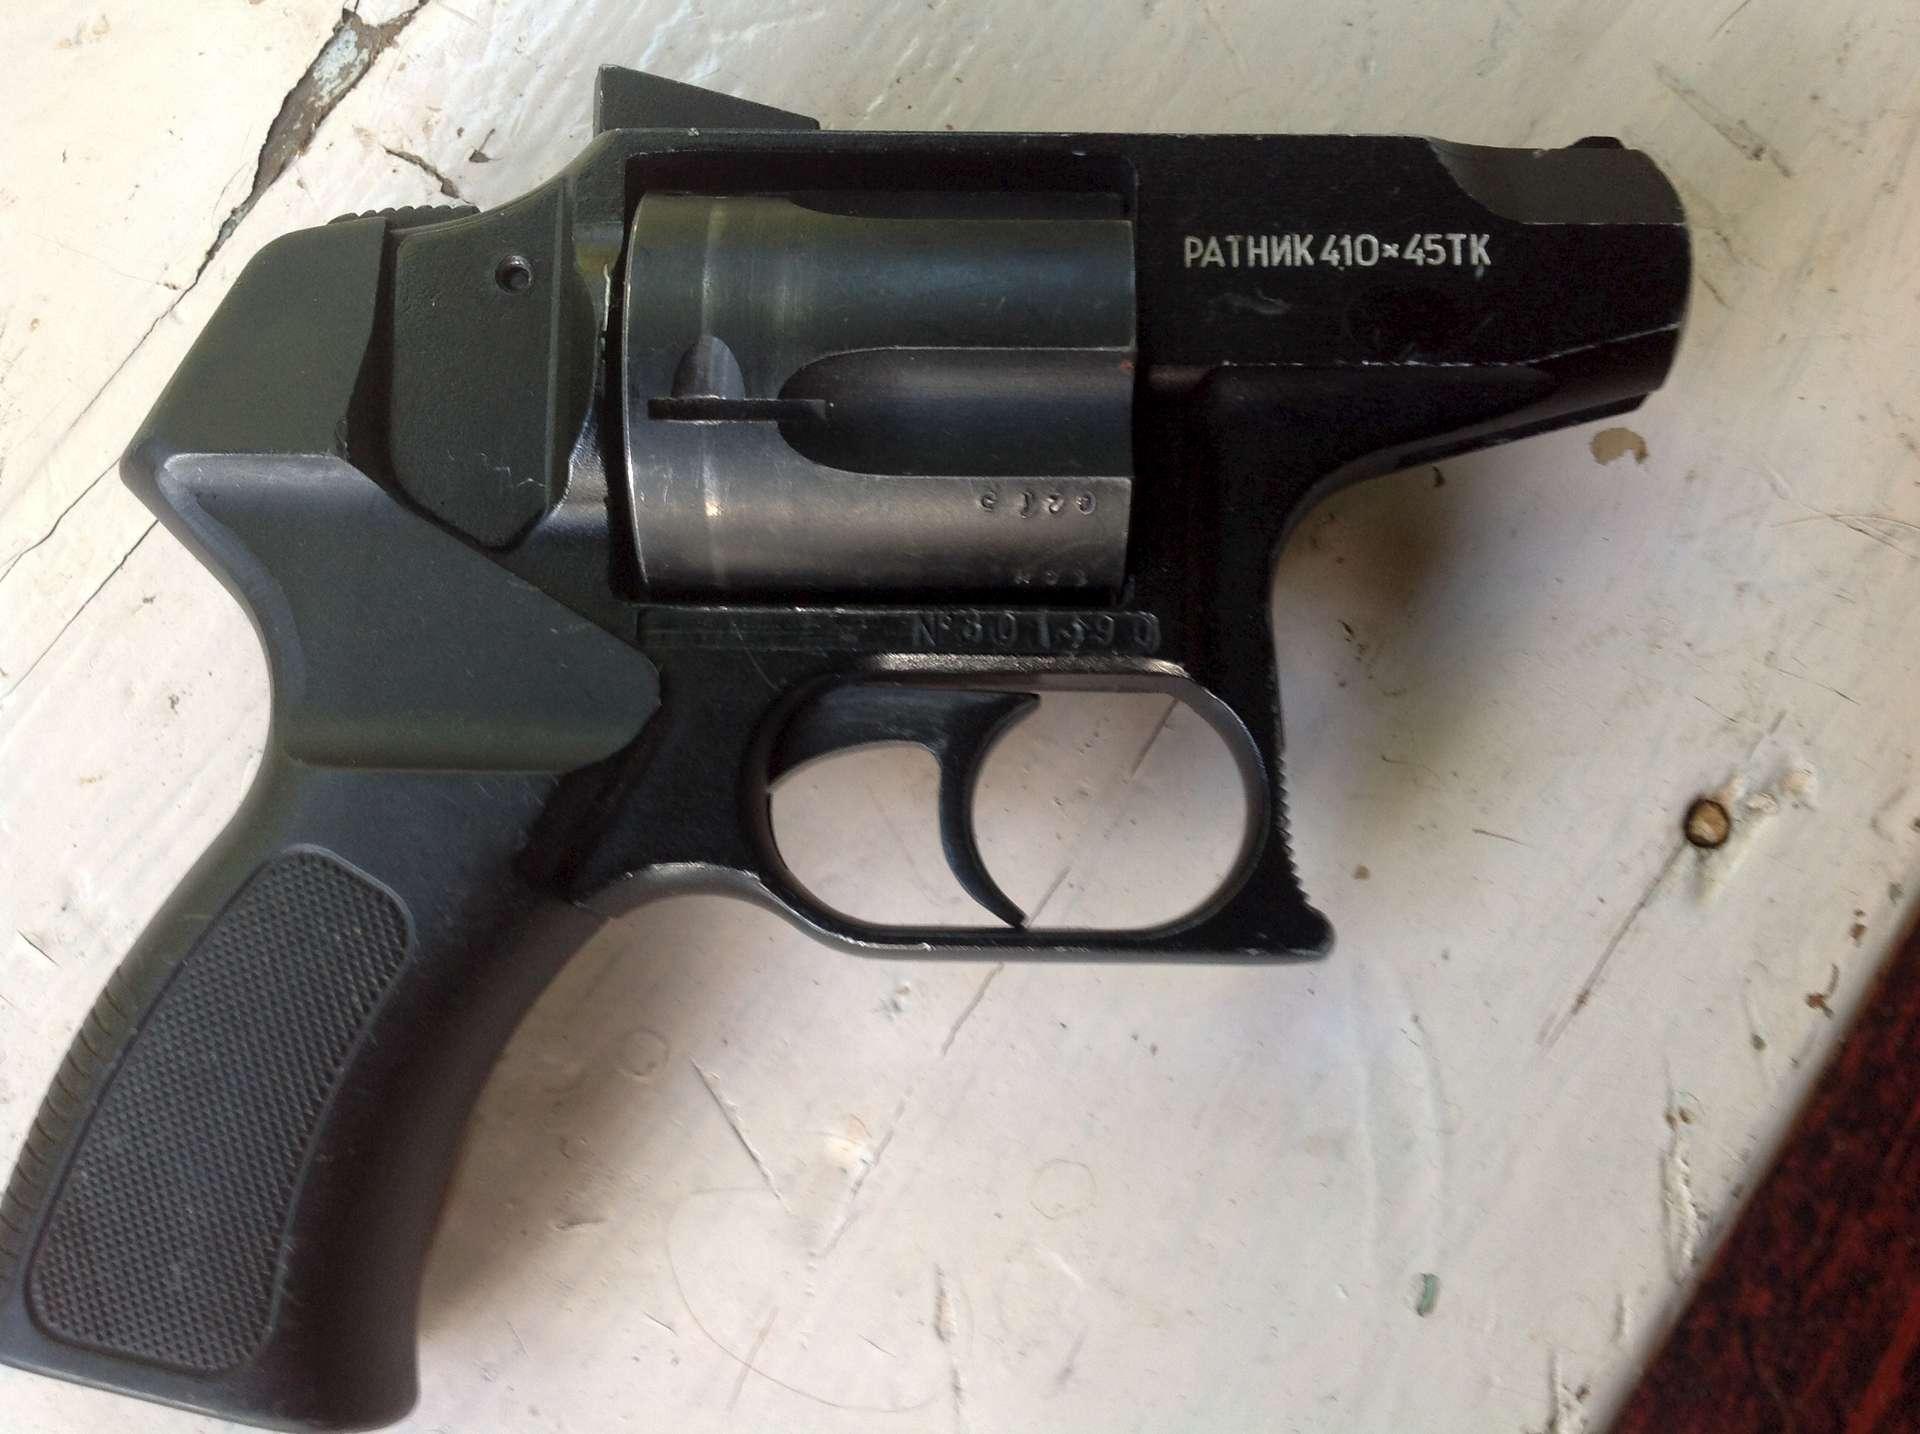 Травматический револьвер ратник 410х45